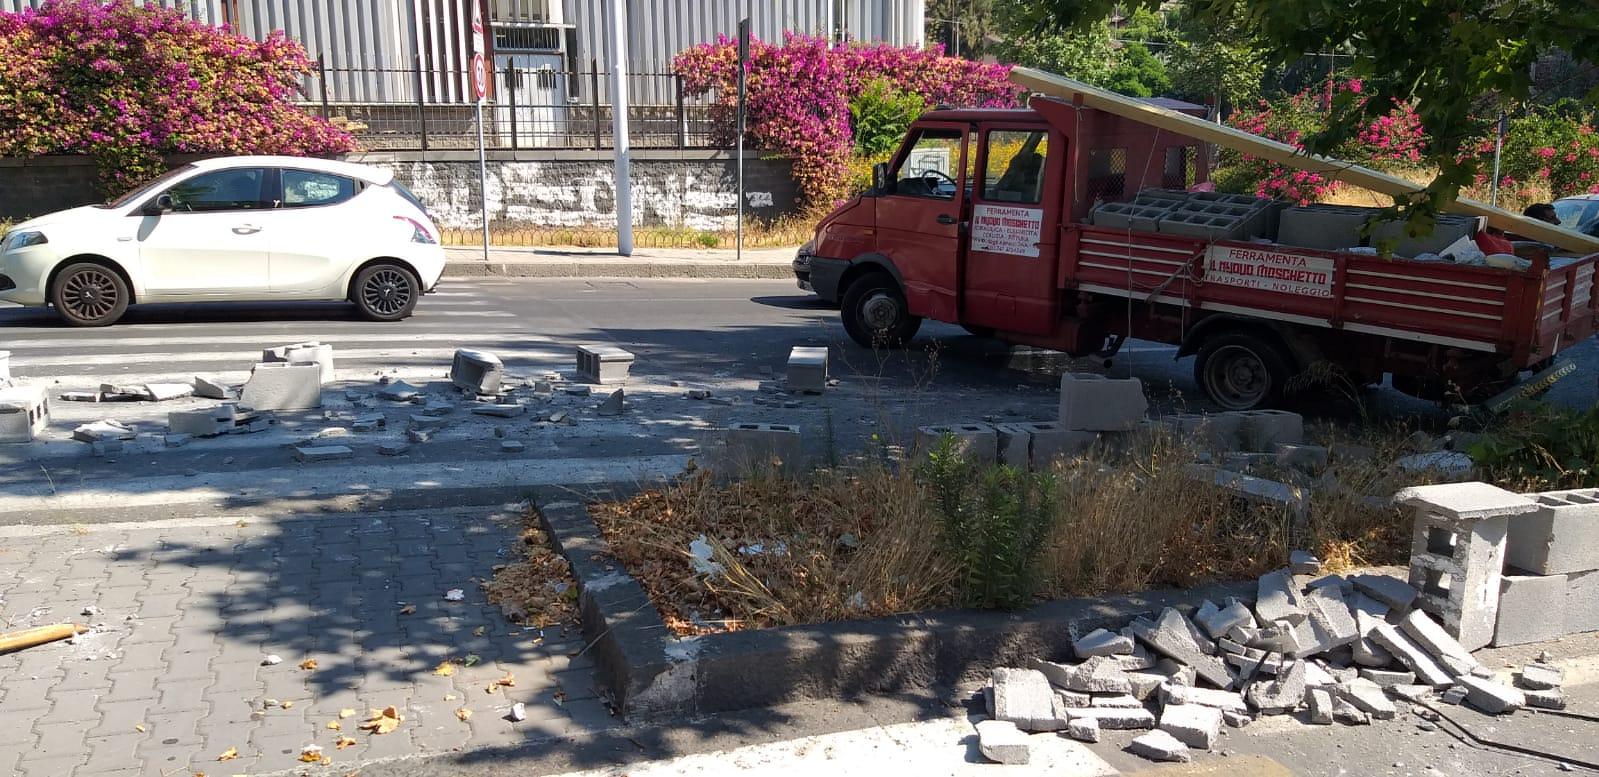 Guasto ai freni, camion contro auto in corsa: ecco cosa è accaduto alla Circonvallazione di Catania